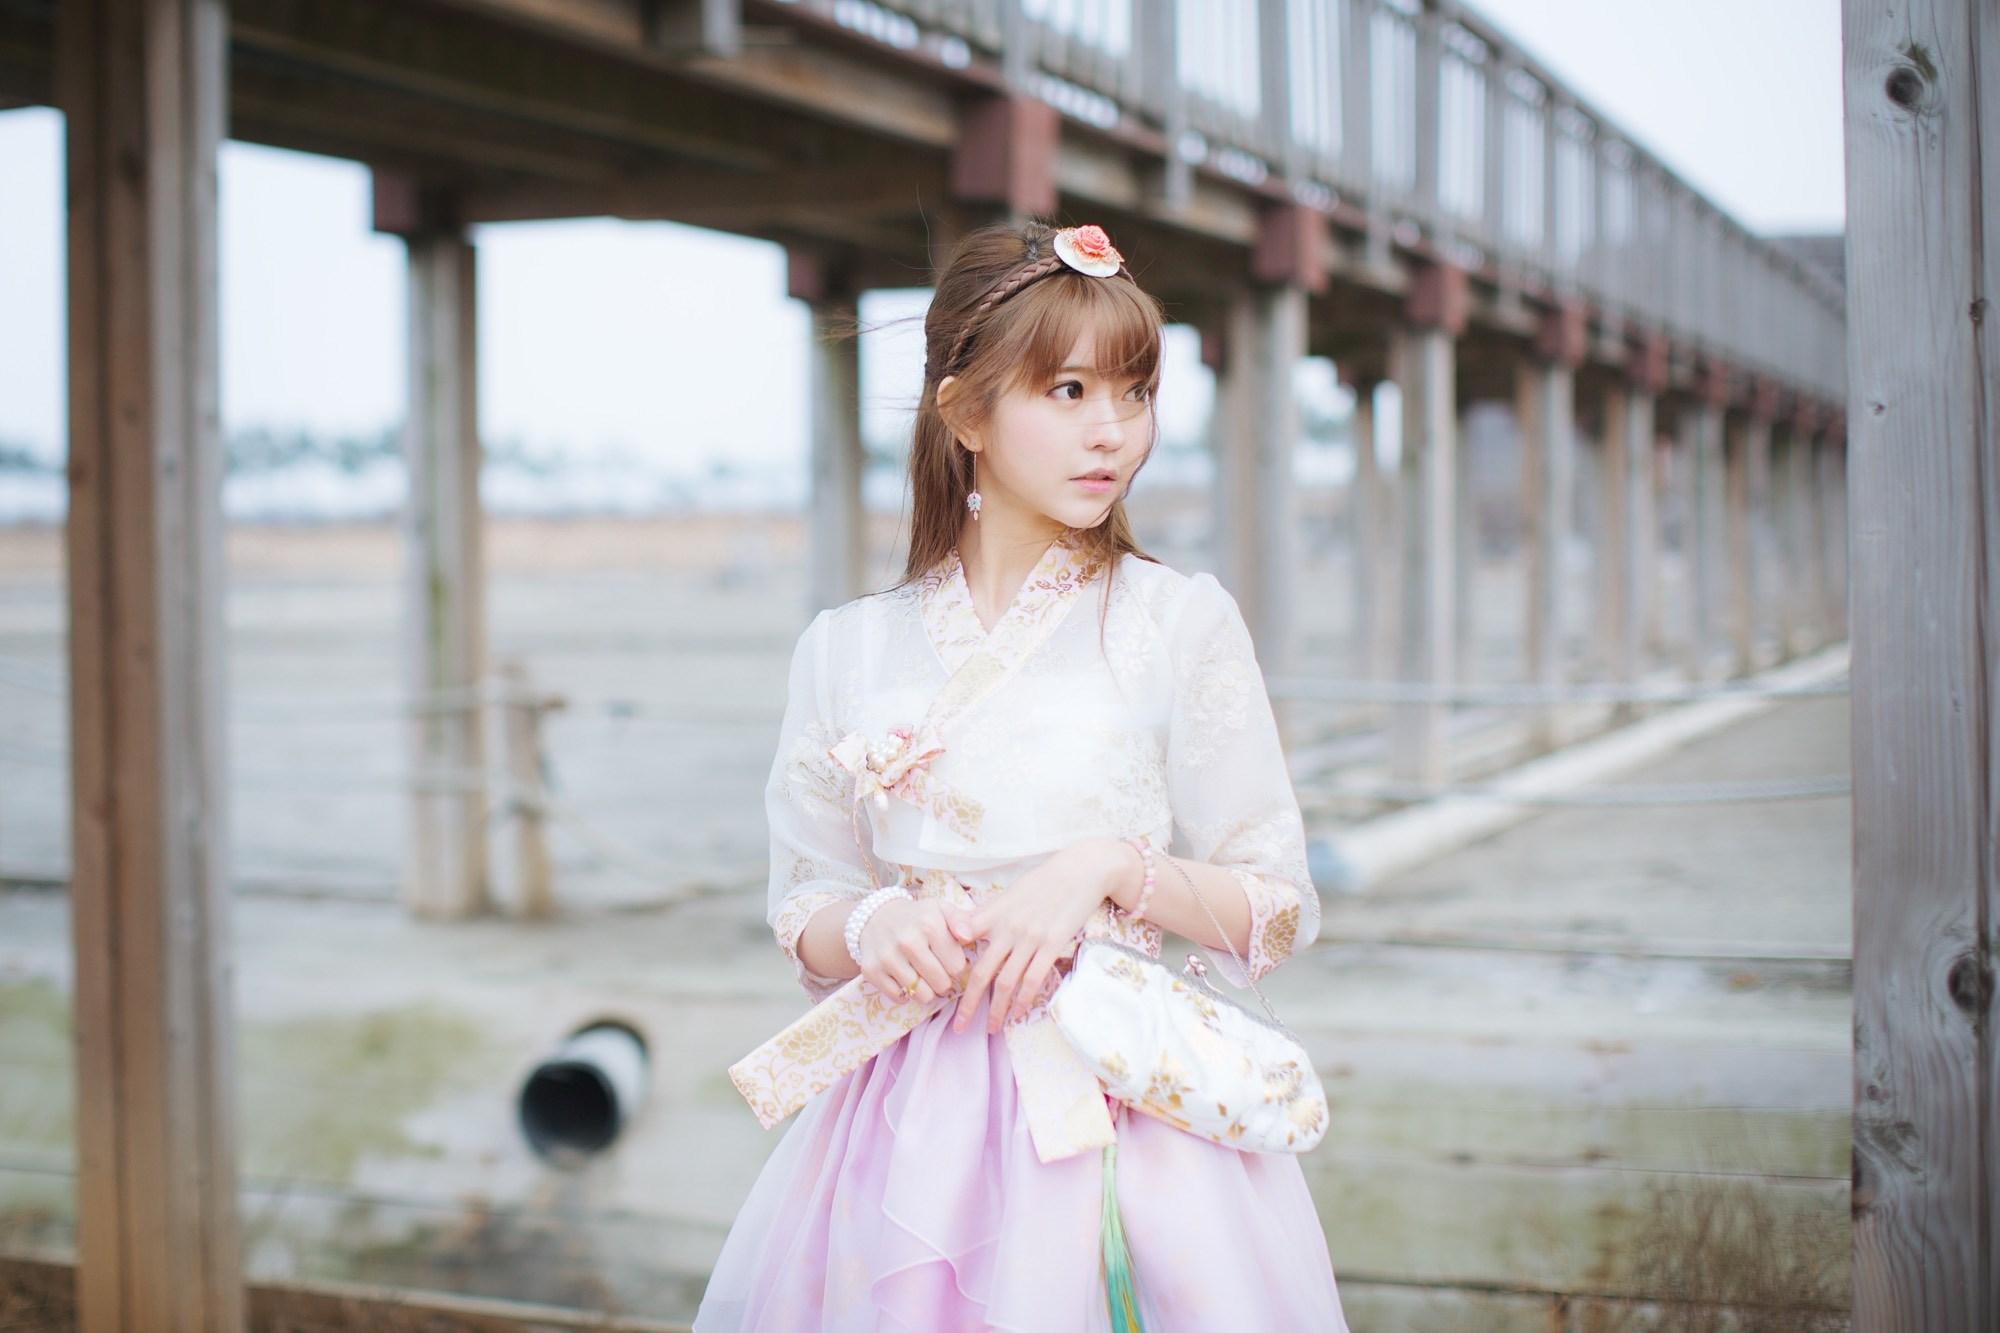 【兔玩映画】Yurisa 兔玩映画 第94张